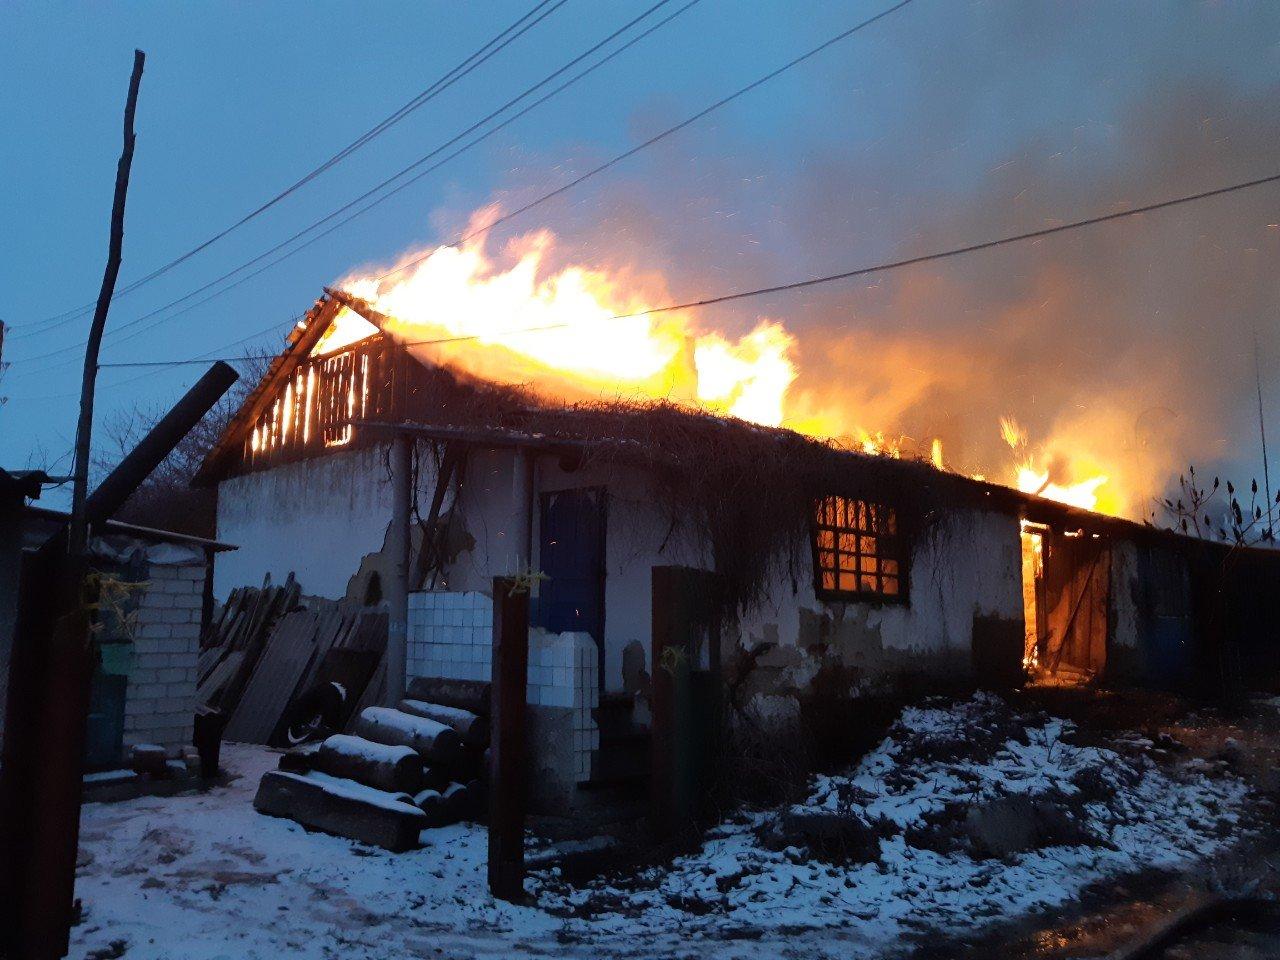 На Харьковщине спасатели несколько часов тушили загоревшийся частный дом, - ФОТО, фото-3